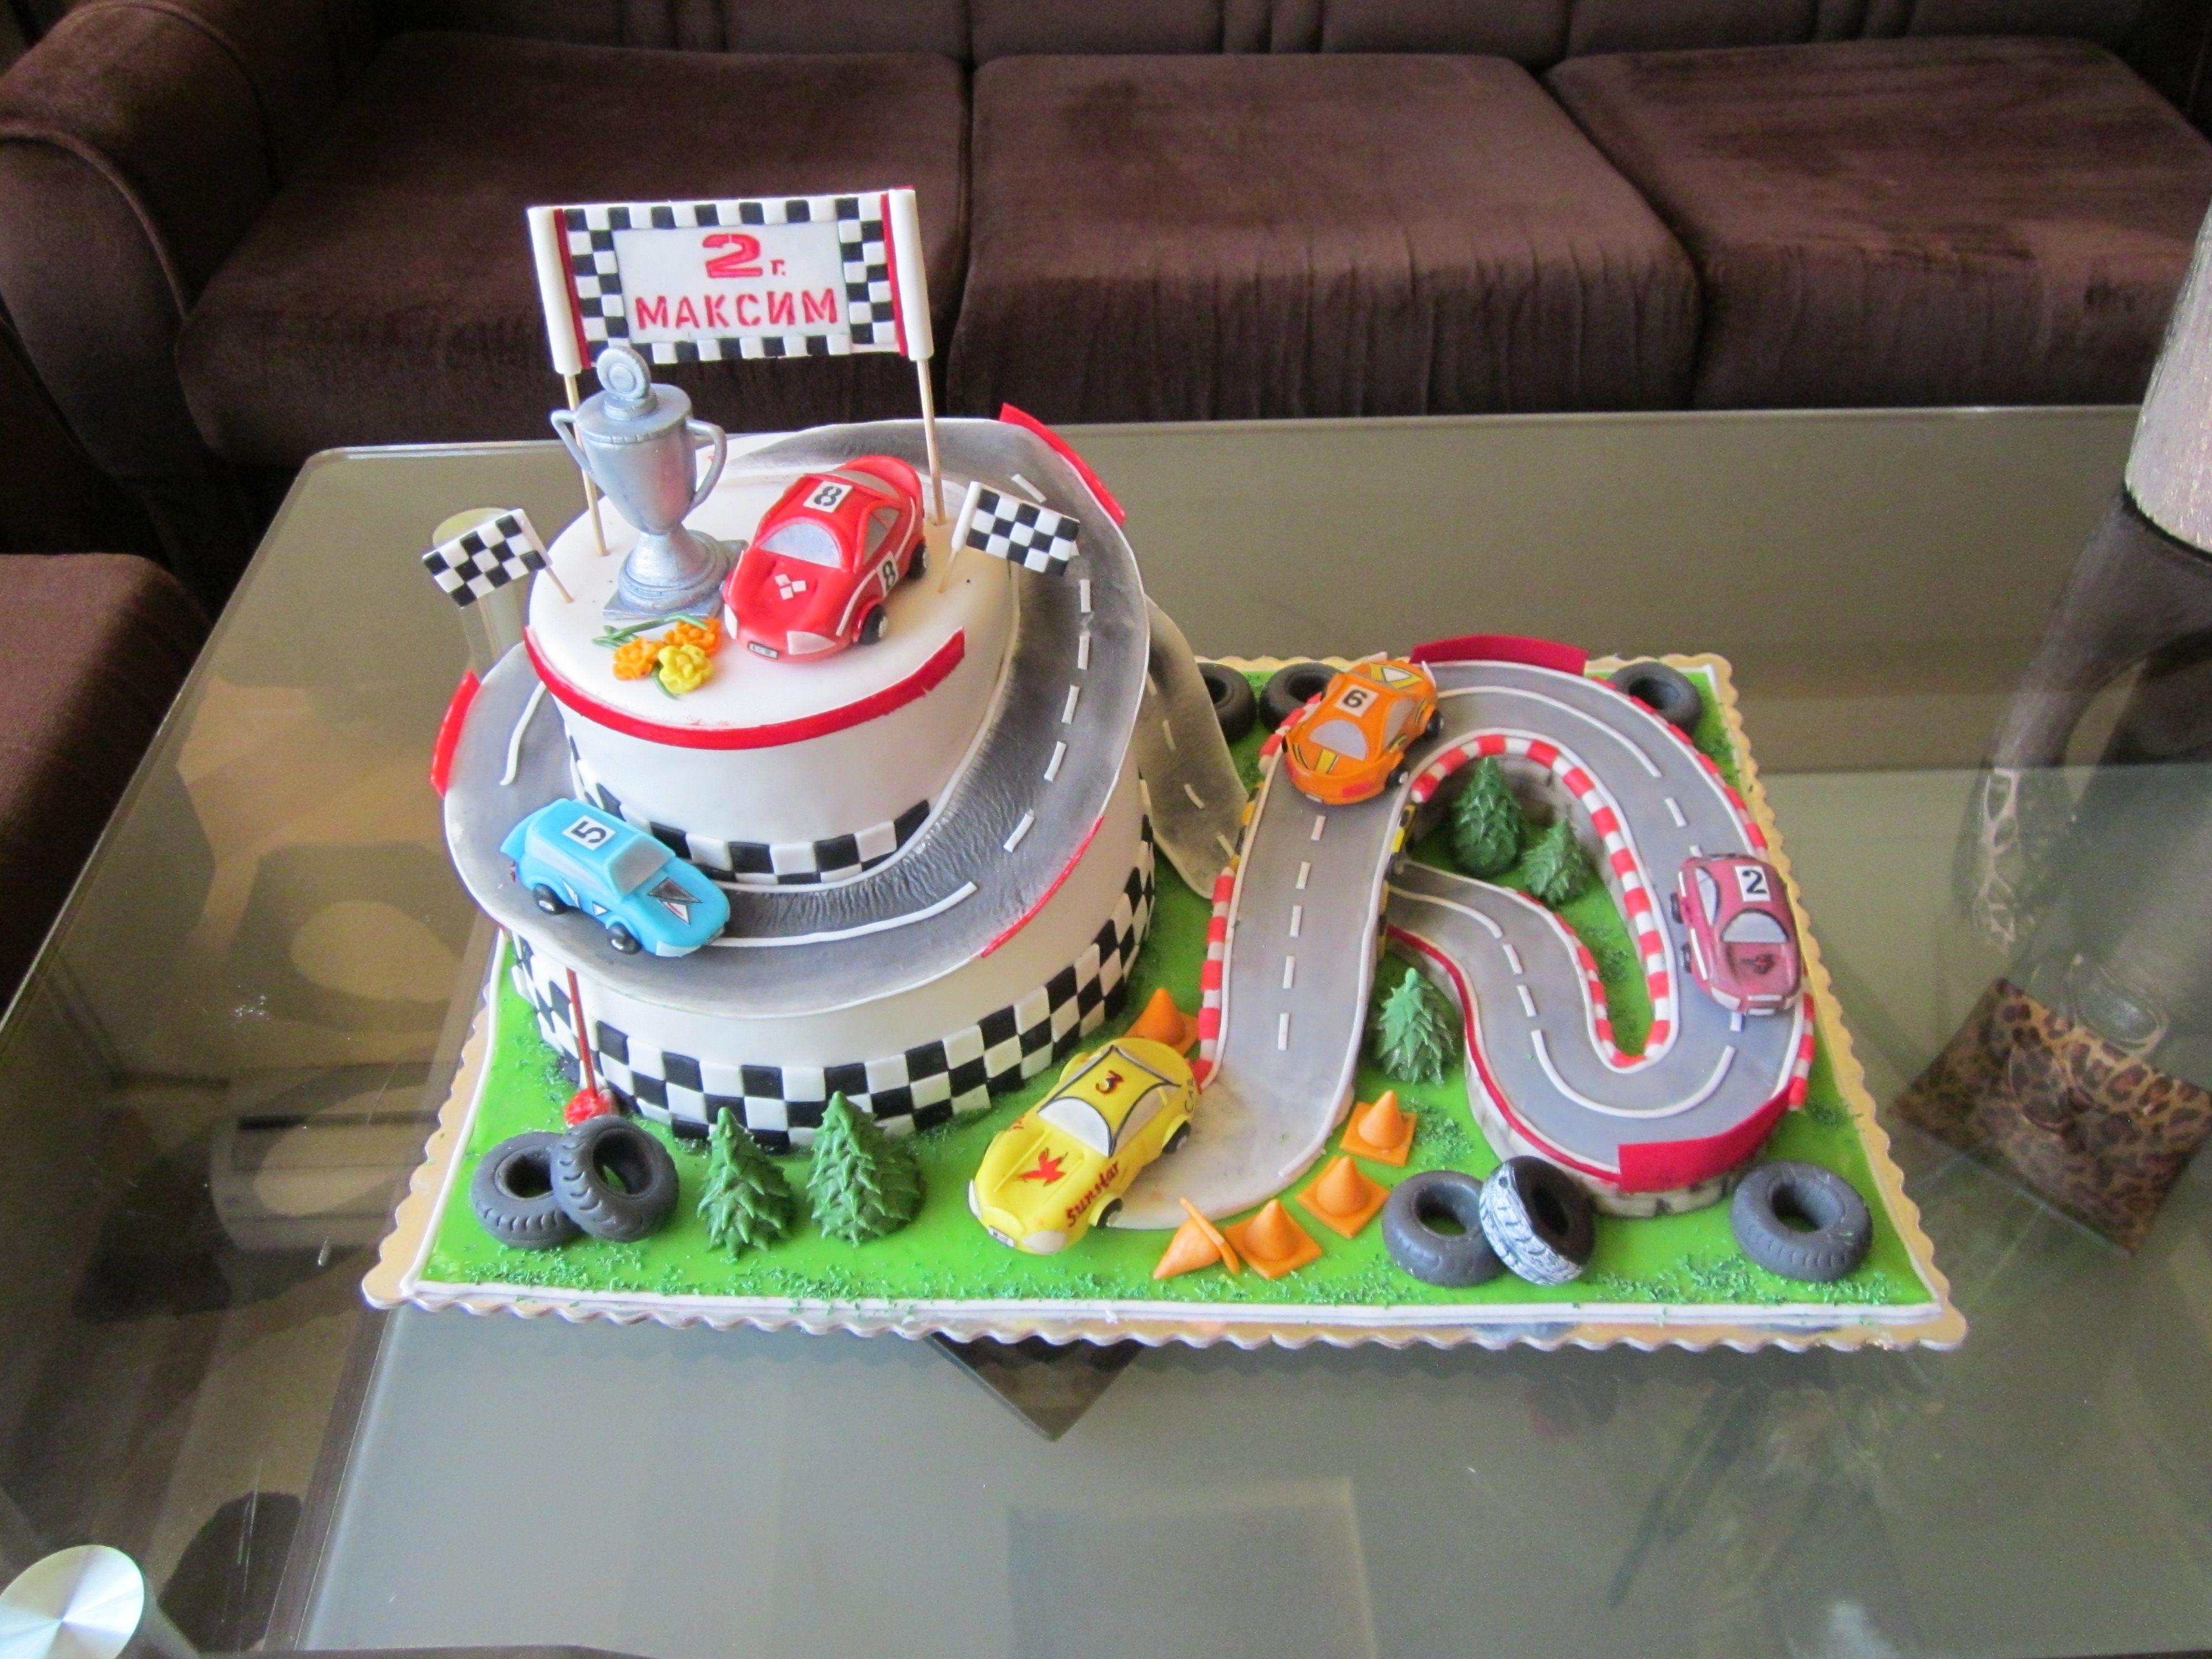 Car cake childrens cakes pinterest car cakes cake and car cake baditri Choice Image